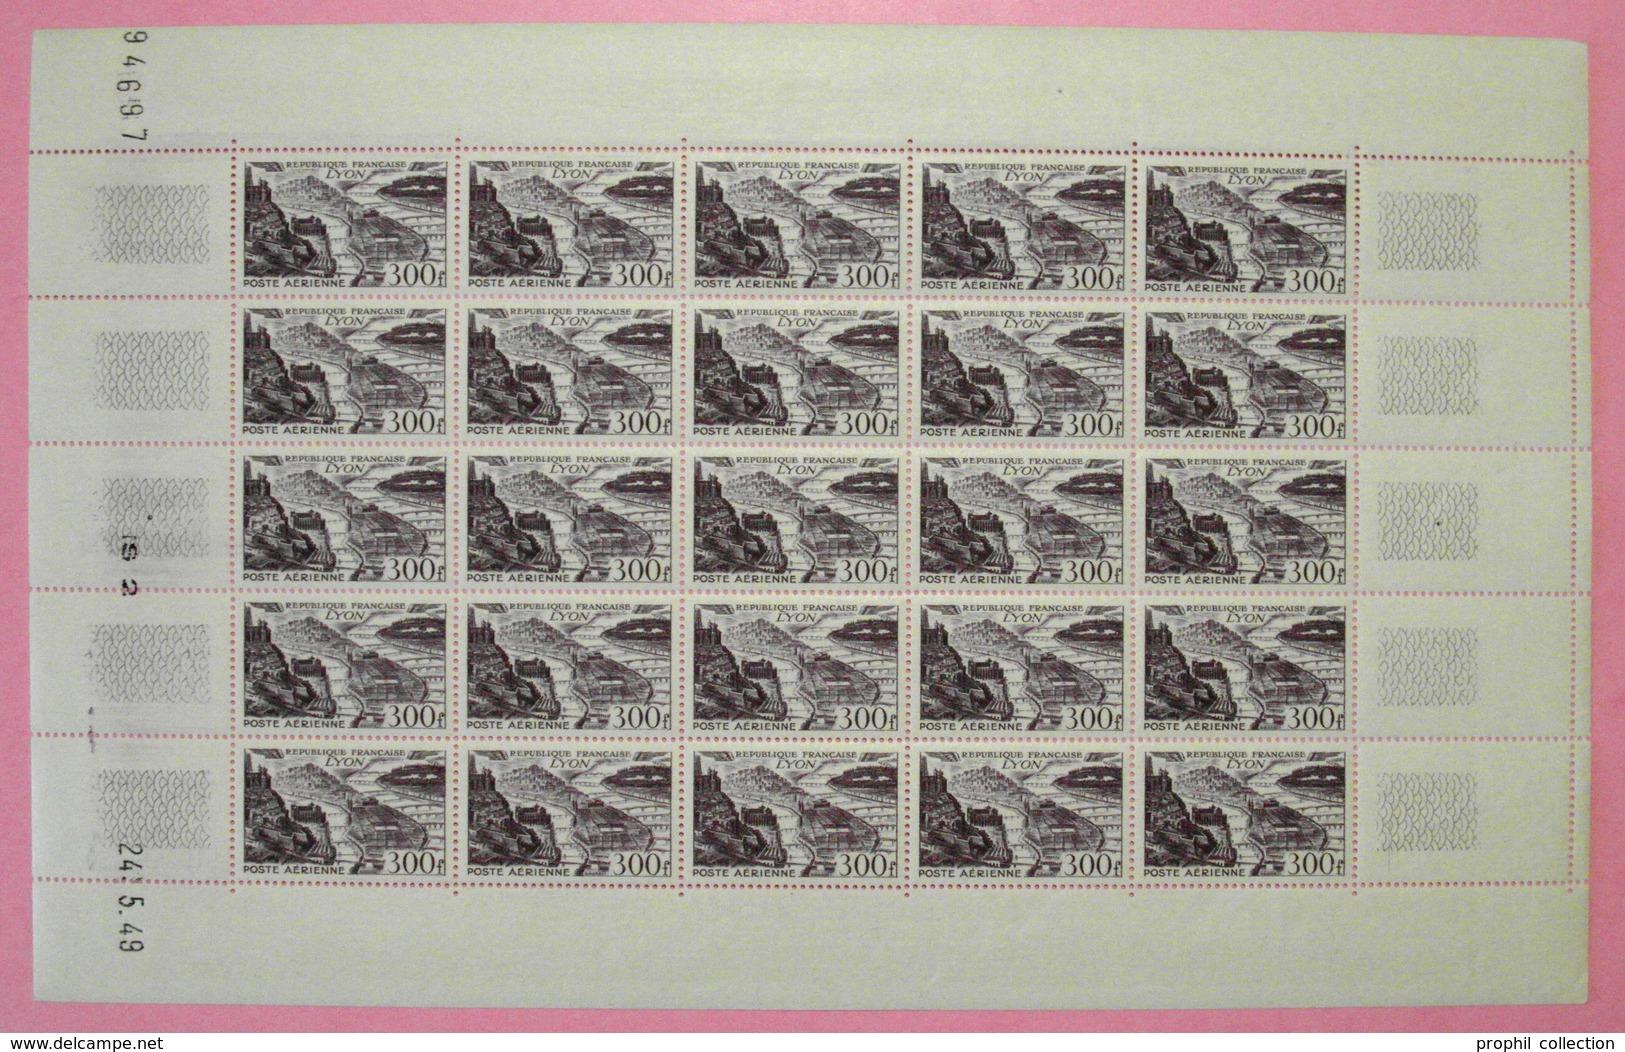 RARE FEUILLE COMPLETE DE LA POSTE AERIENNE PA N° 26 NEUF ** 300F VIOLET Avec COIN DATÉ De 1949 - Feuilles Complètes